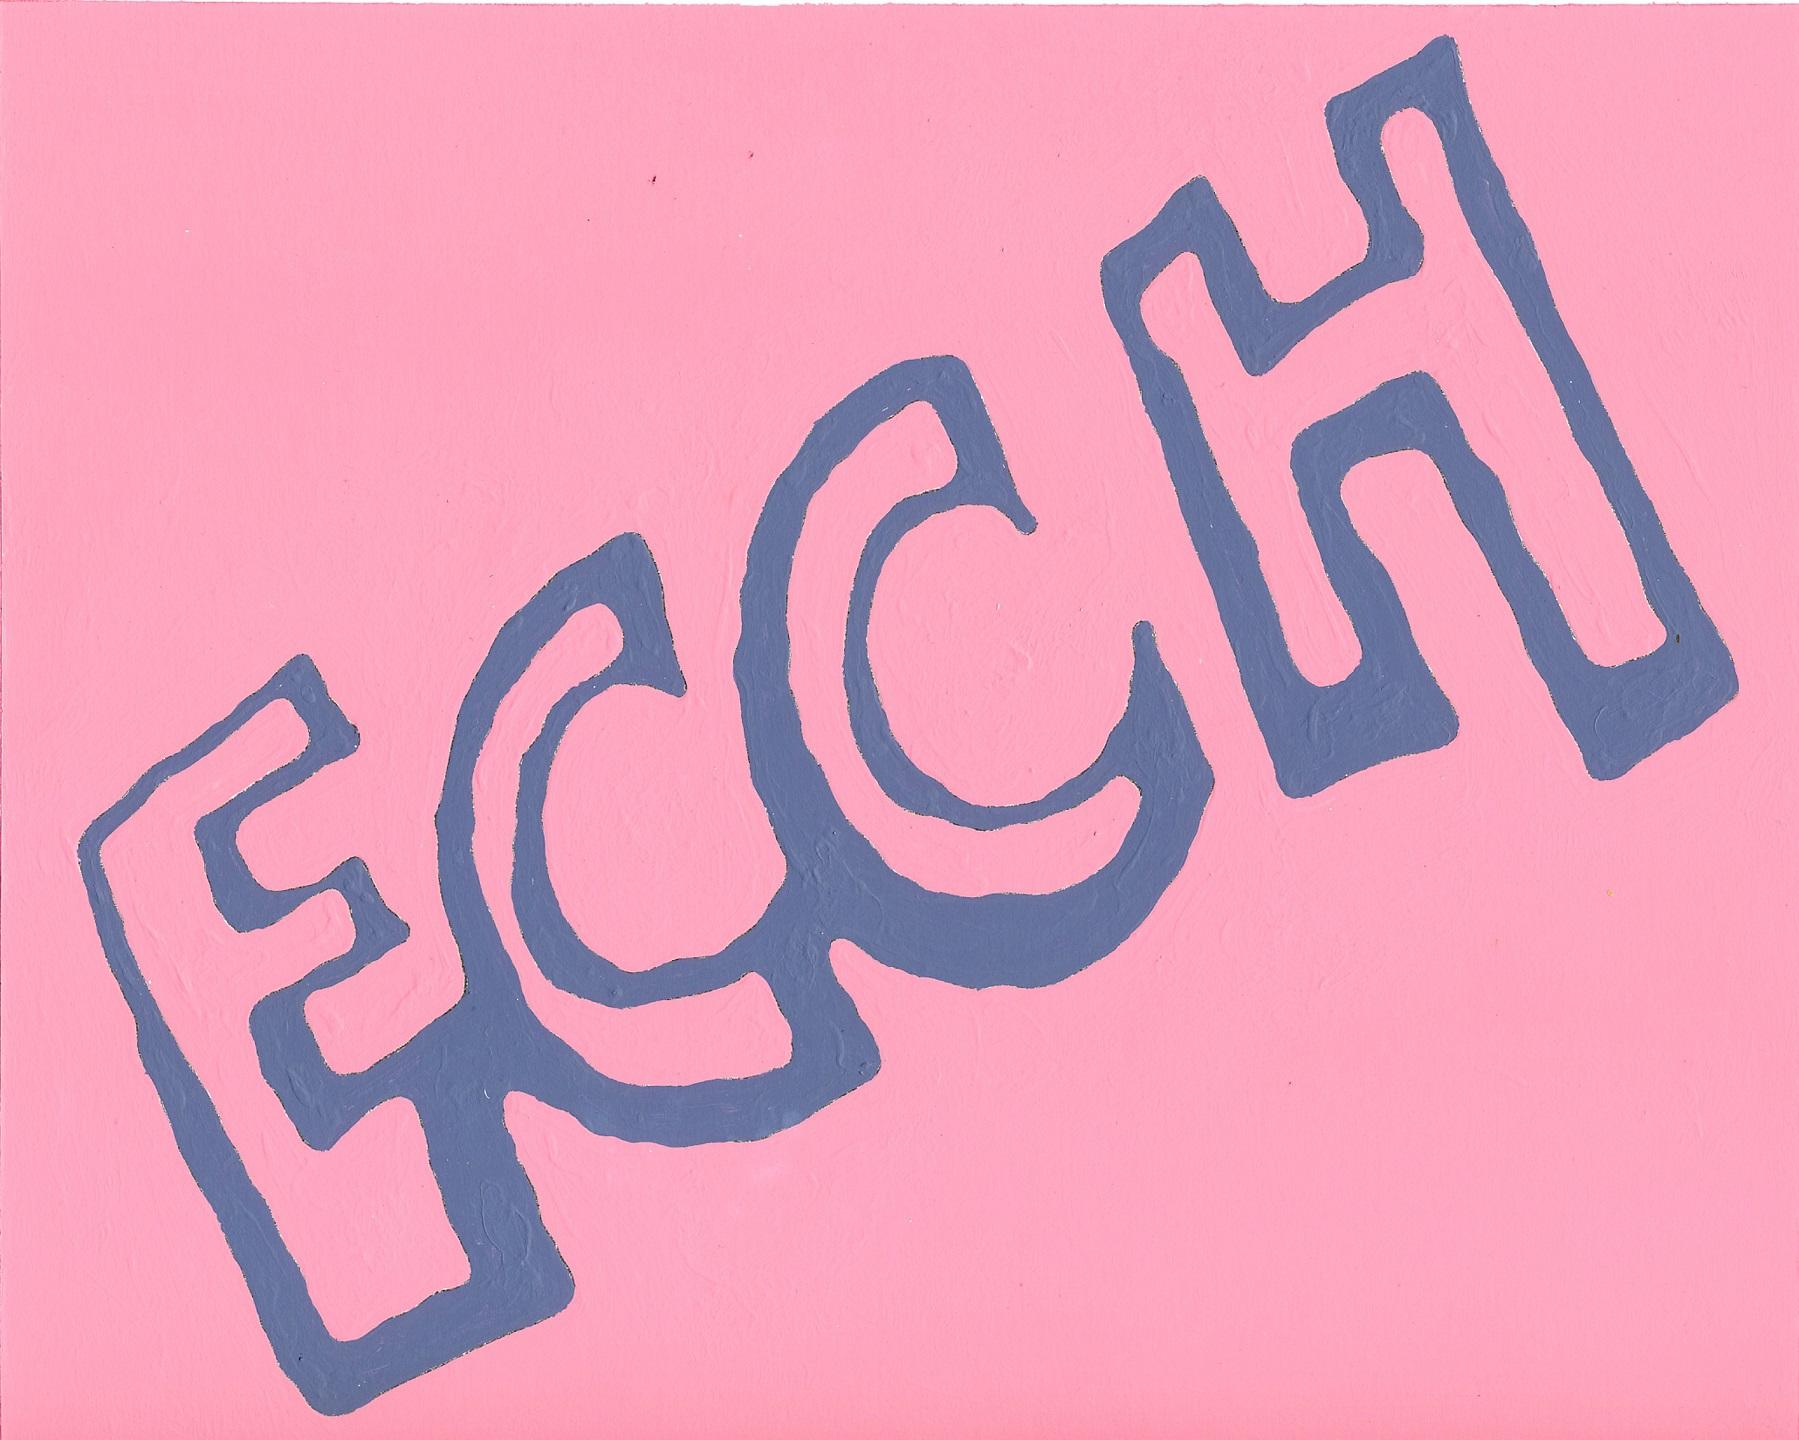 ECCH, 2013